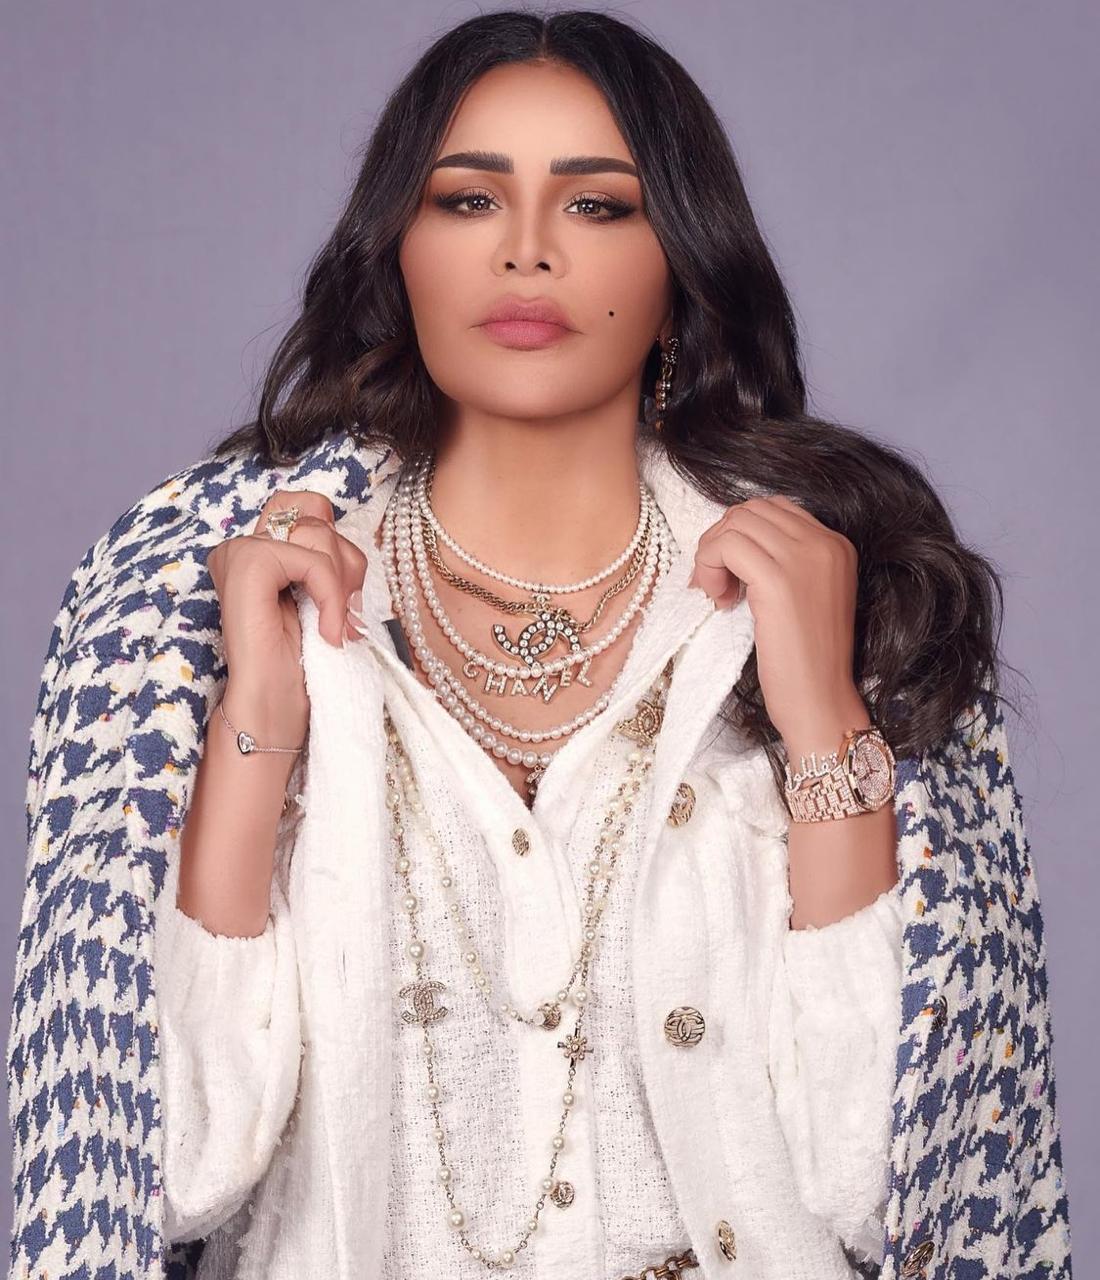 أحلام بمجوهرات عصرية من شانيل Chanel